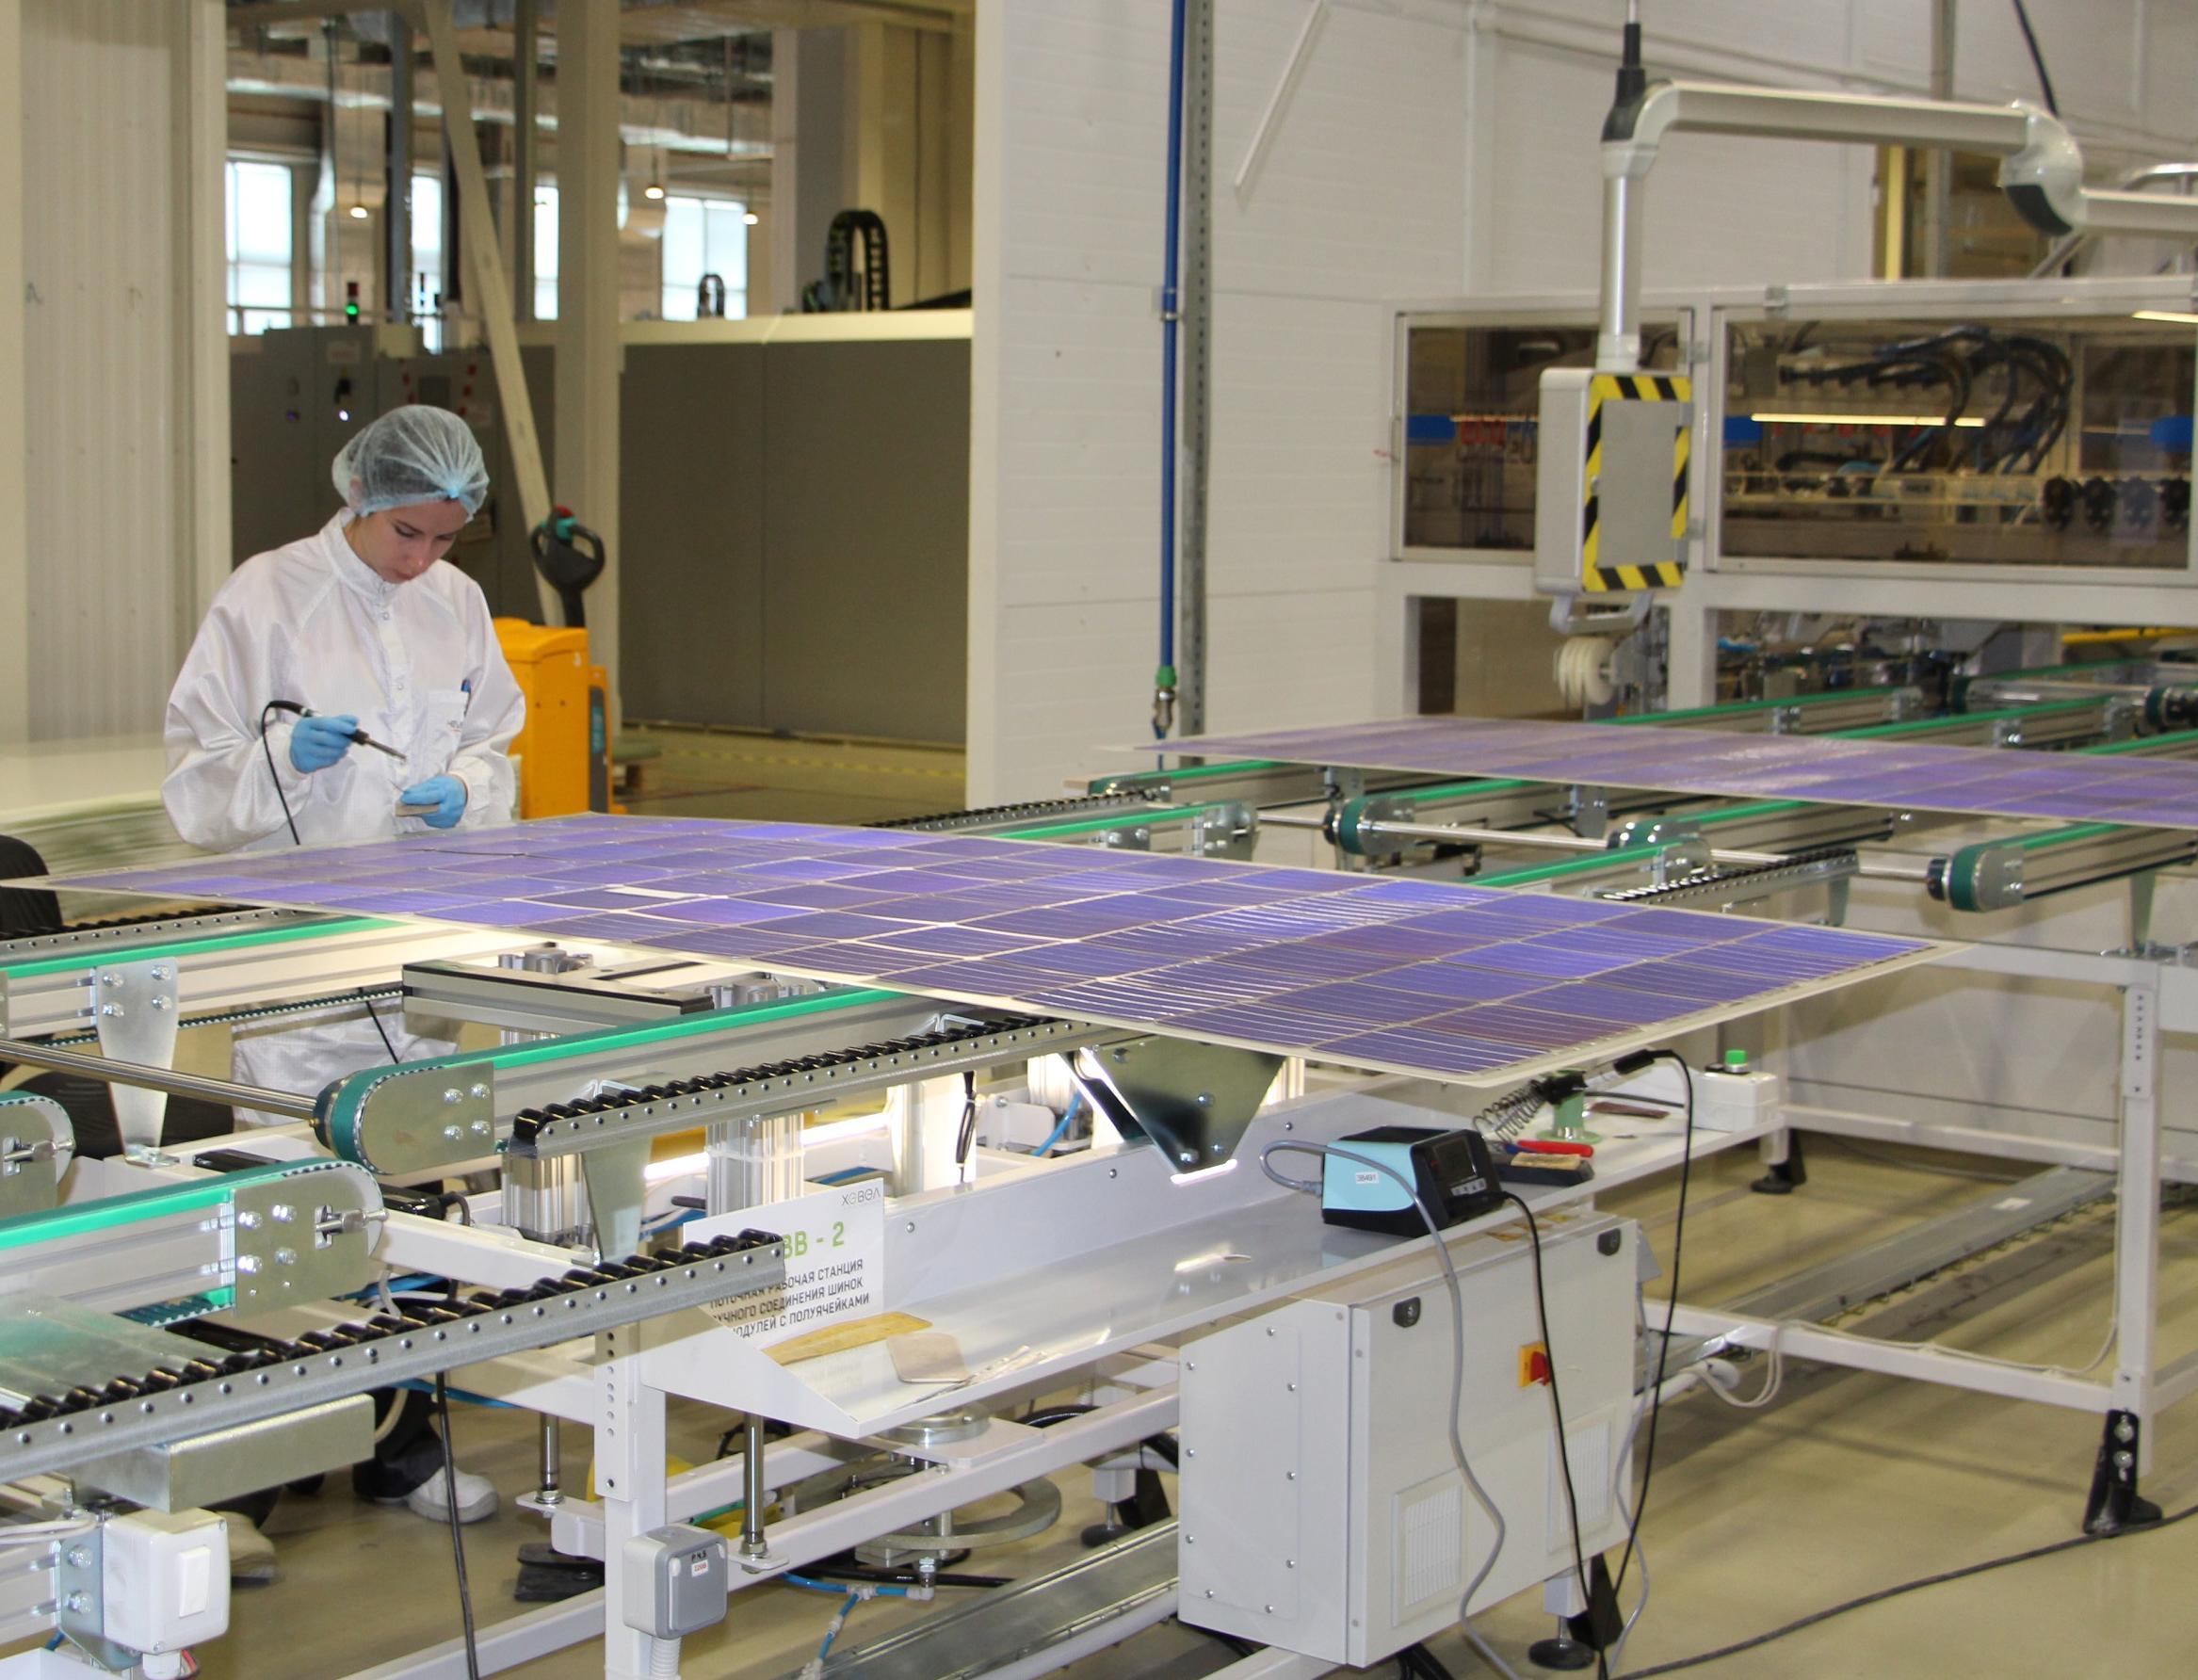 Завод по производству солнечных панелей перейдет на 100% ВИЭ